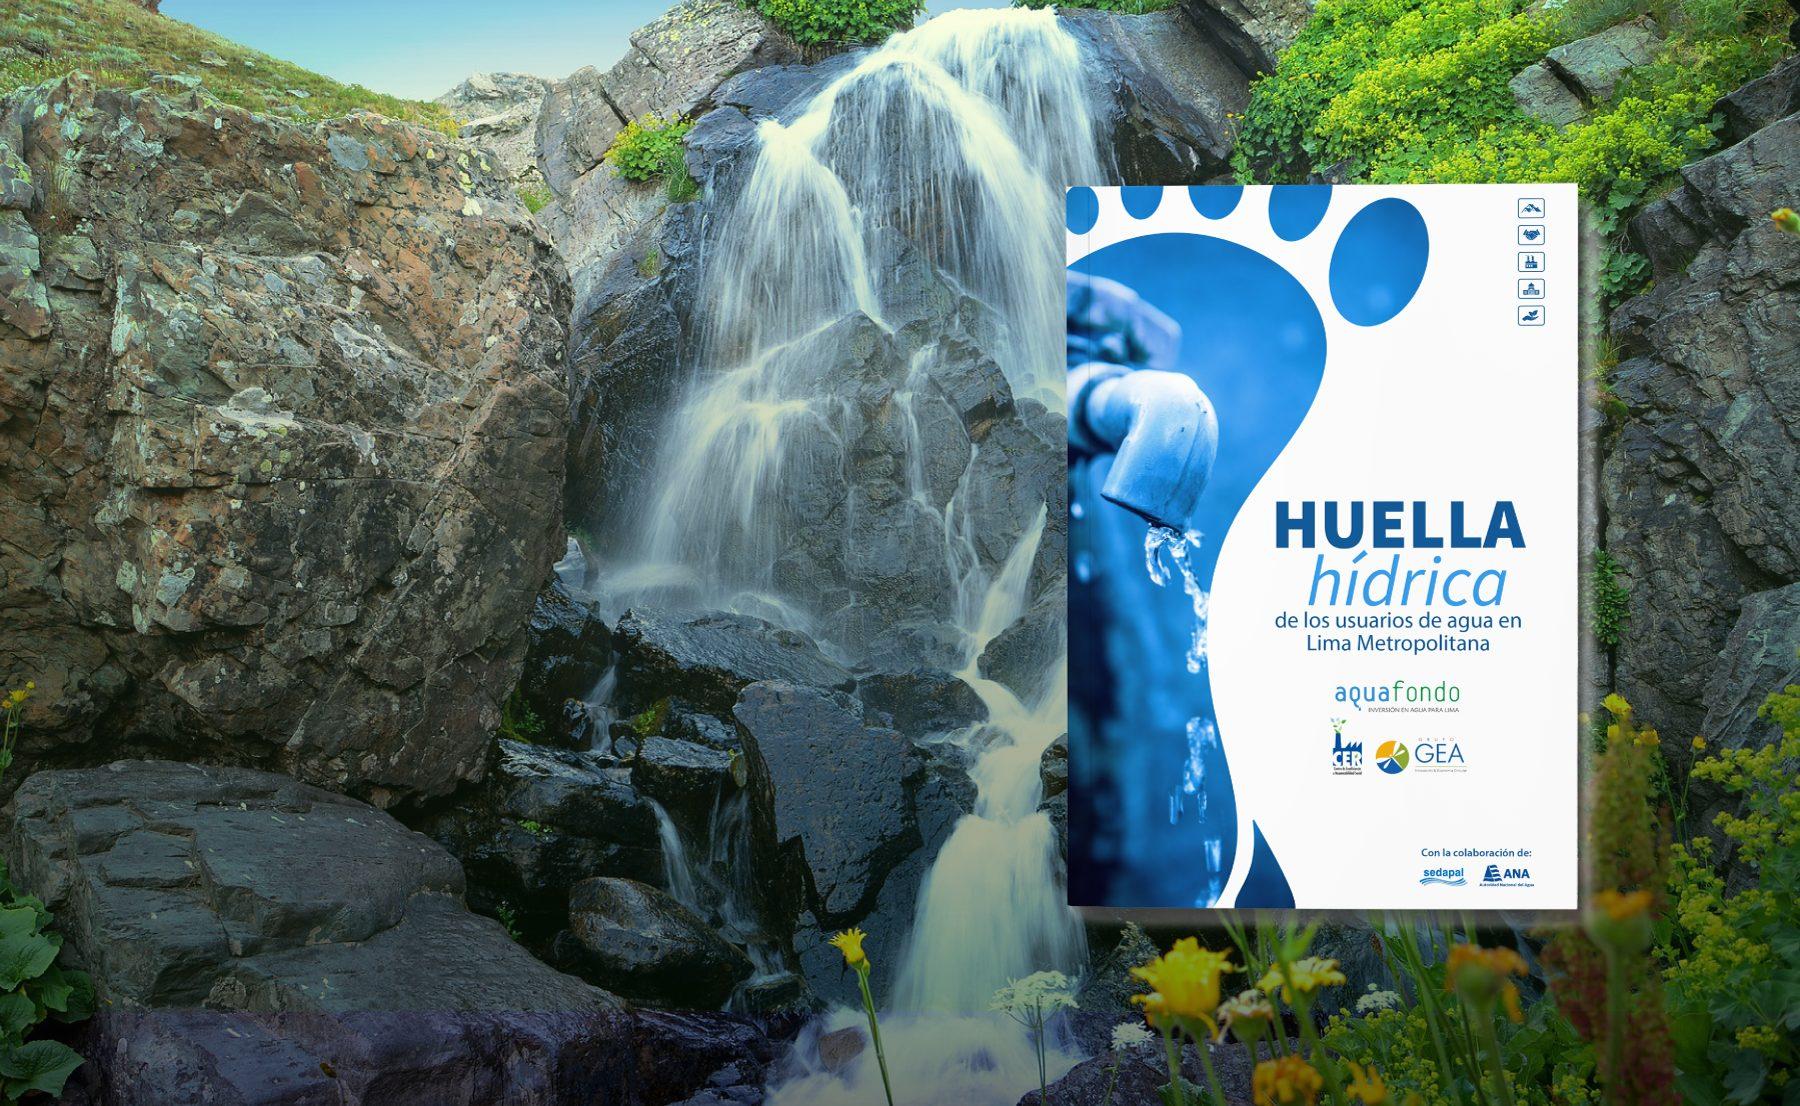 Huella Hídrica de Lima Metropolitana: una valiosa herramienta para concientizar sobre el estrés hídrico que enfrenta Lima